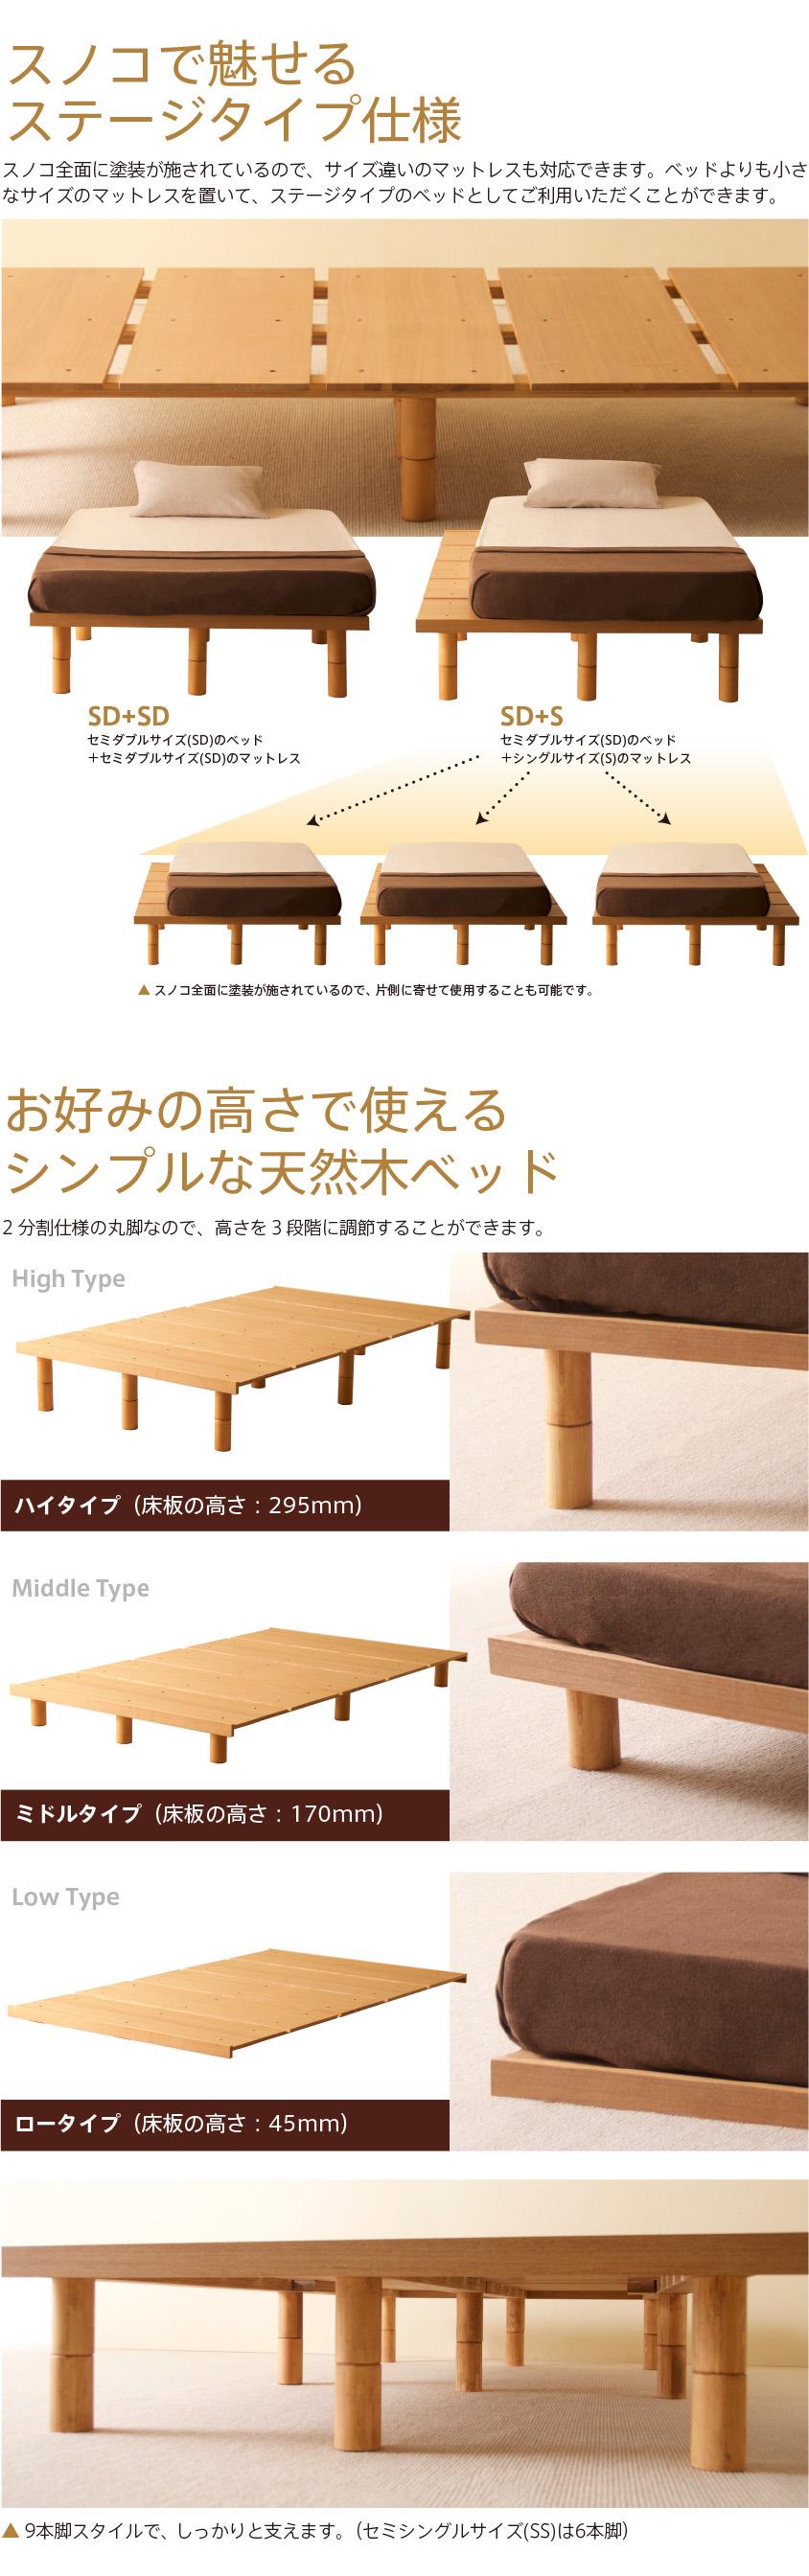 木製ベッドフレーム「mjuk(ミューク)」